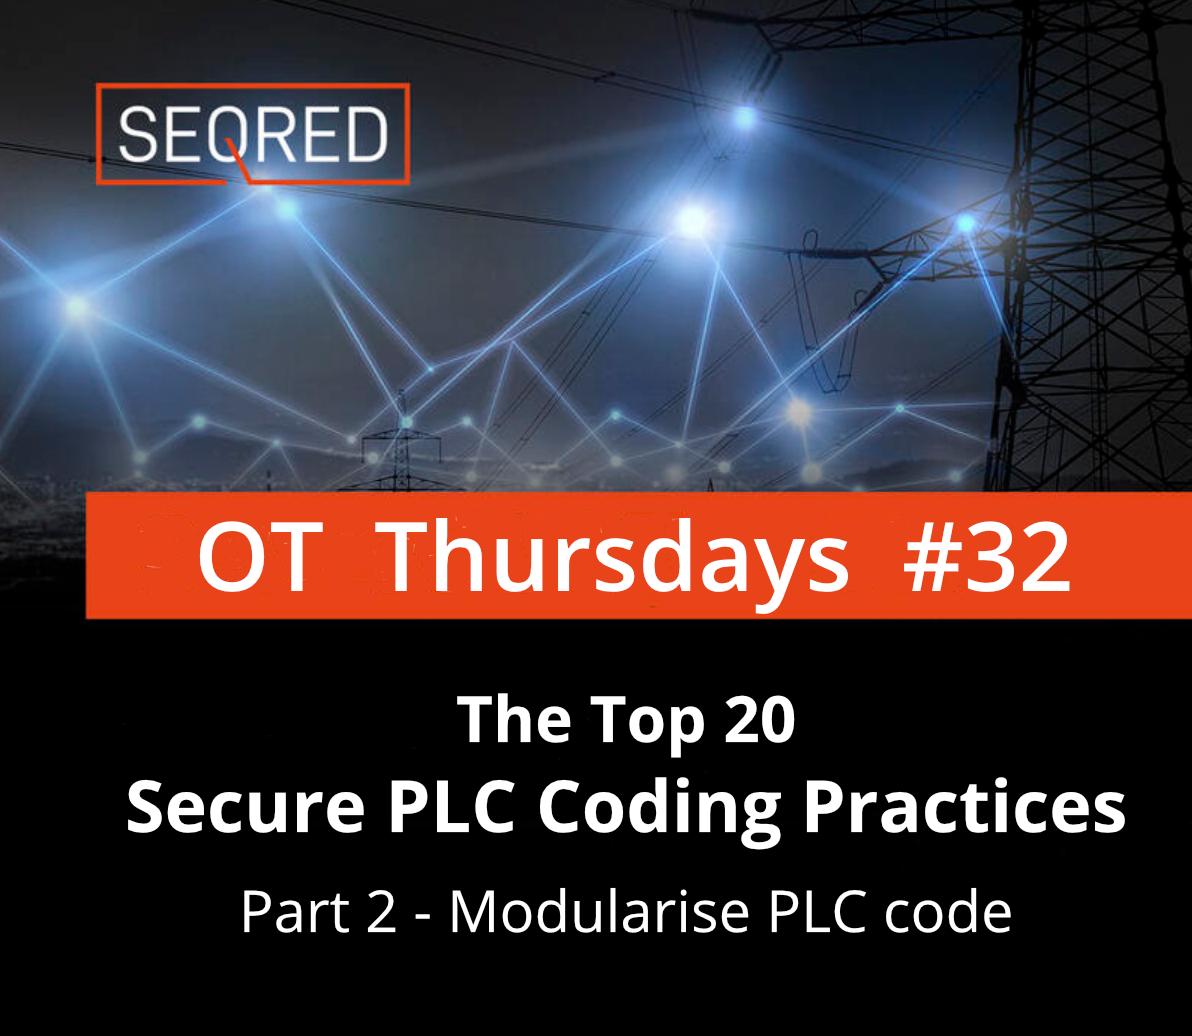 The Top 20 Secure PLC Coding Practices. Part 2 - Modularise PLC code